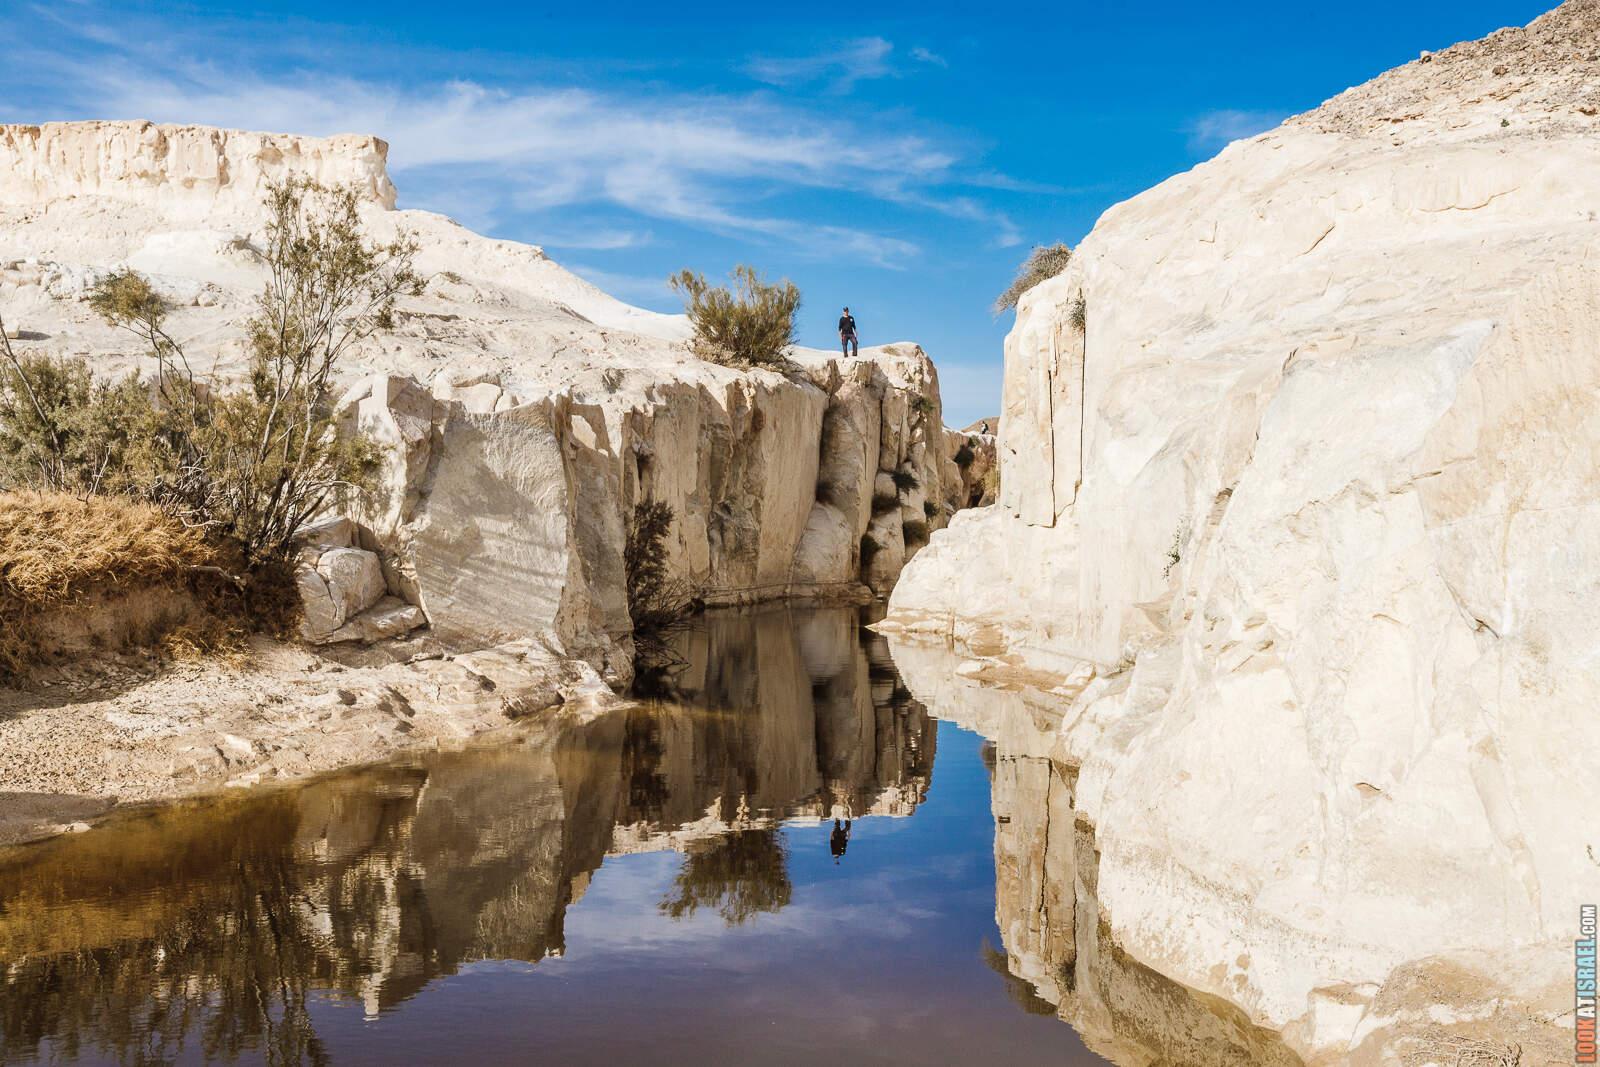 Белый каньон в пустыне Негев (гора Карком) | White canyon in Negev desert | קניון הלבן בננגב